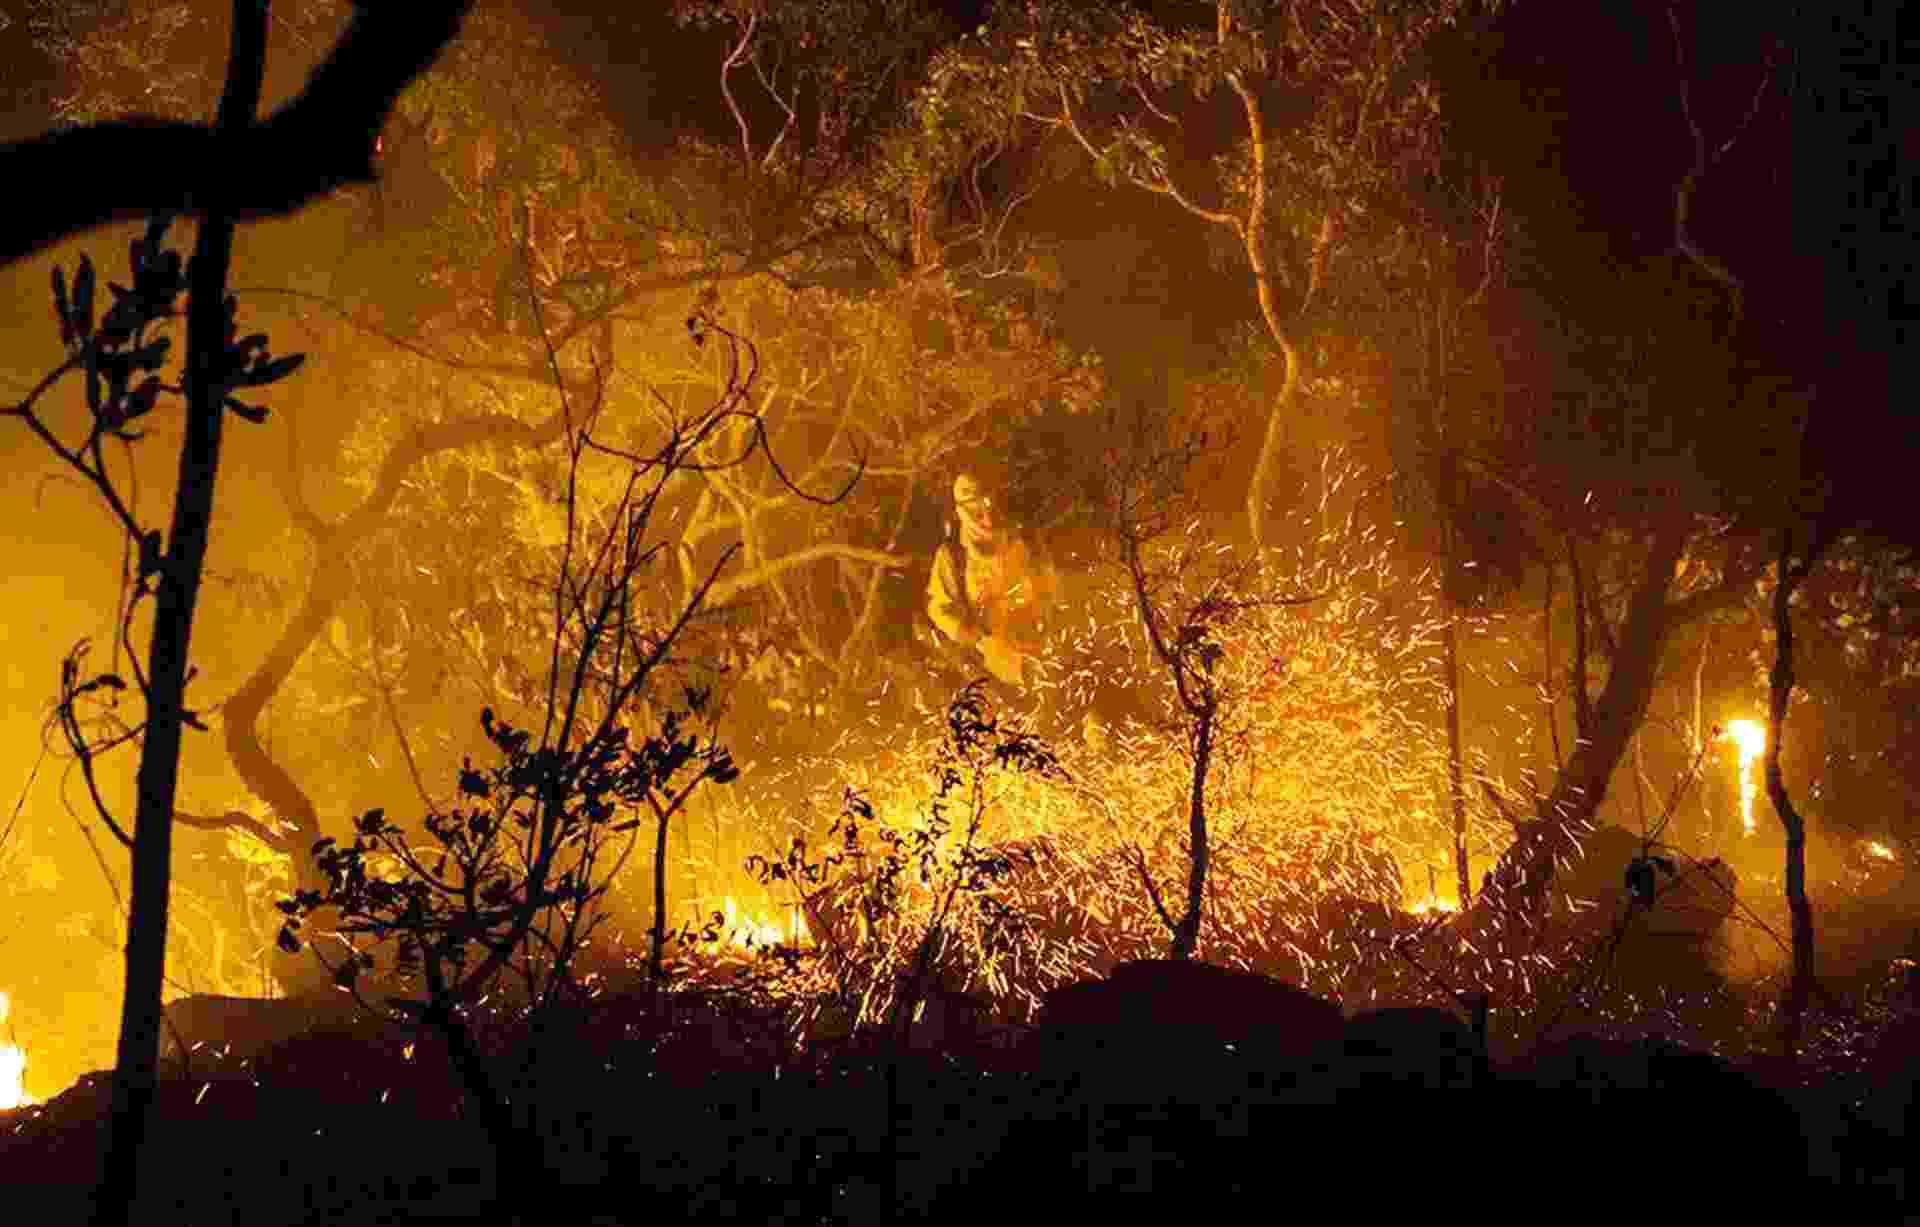 24.out.2017 - Brigadistas tentam apagar chamas na Chapada dos Veadeiros. Uma das mais importantes unidades de conservação do Cerrado, a Chapada dos Veadeiros está sendo consumido pelas chamas, no que já é considerado o pior incêndio de sua história recente - Fernando Tatagiba/ICMBio